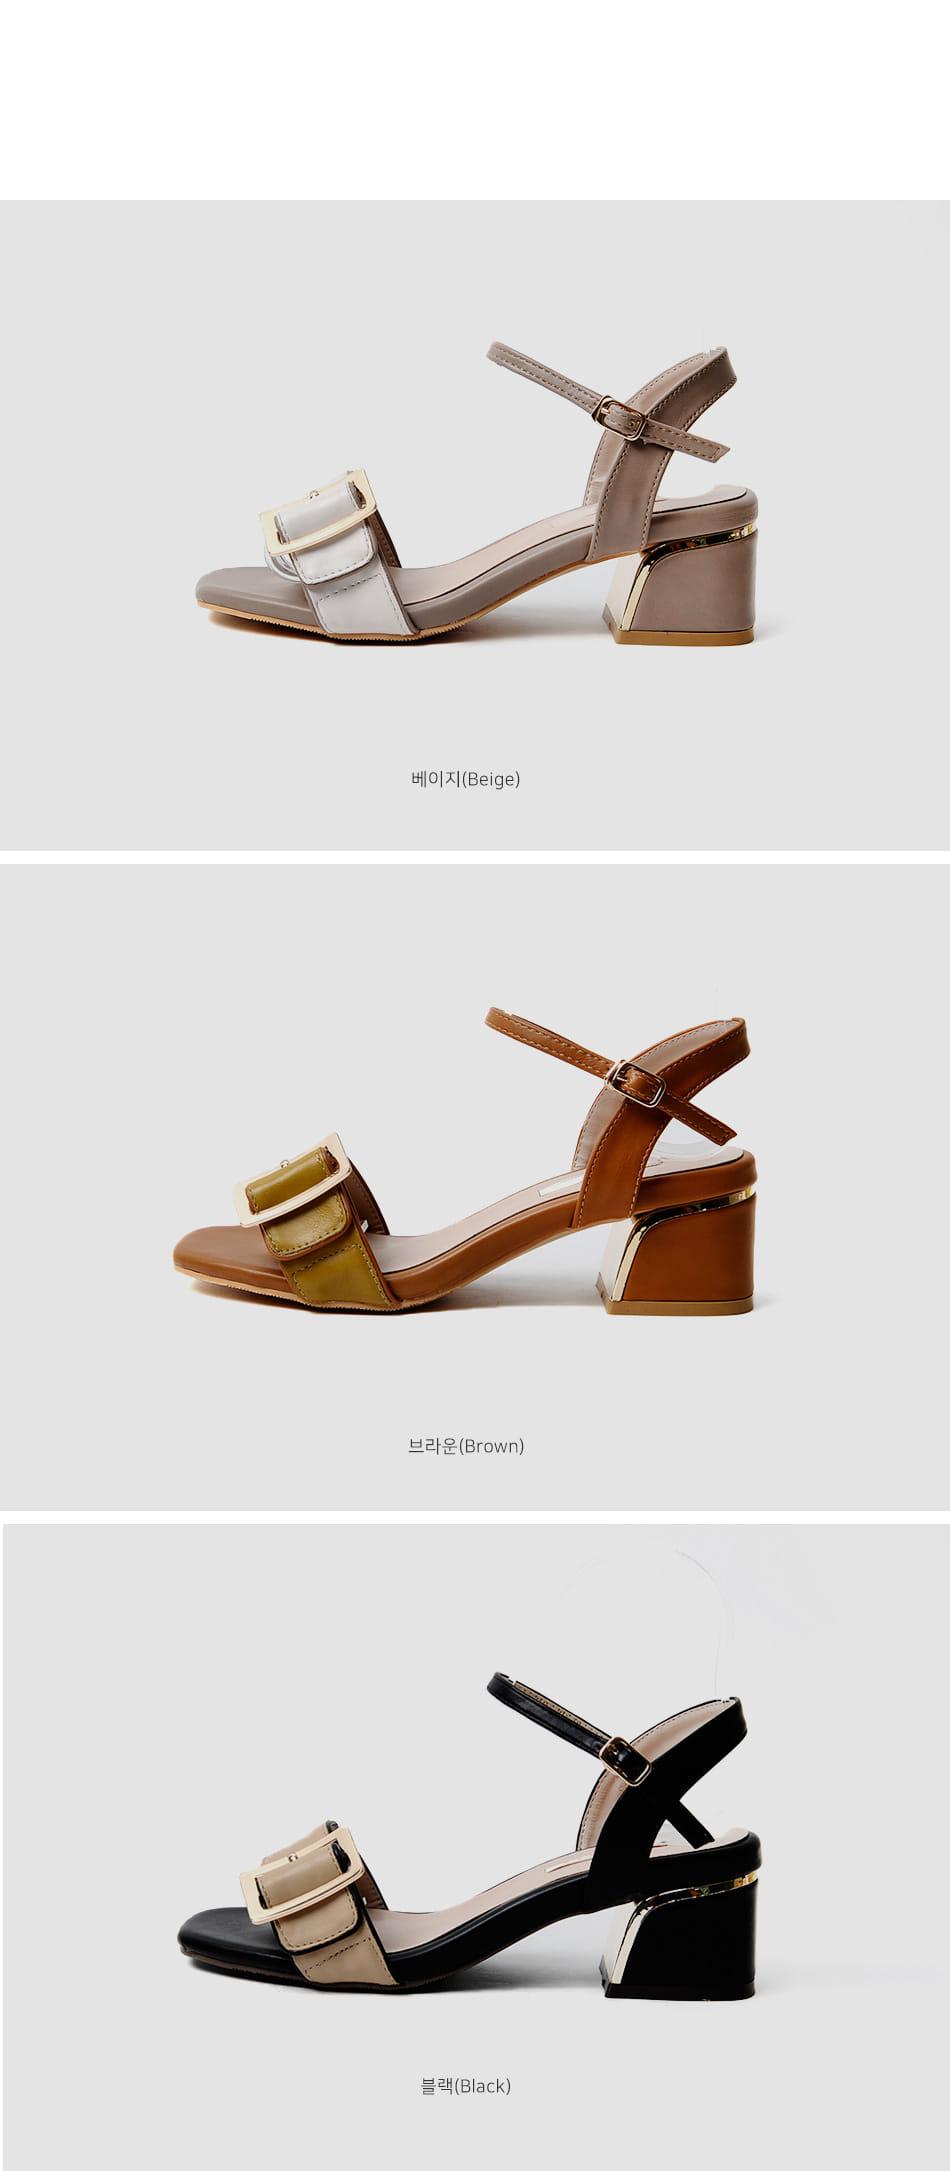 Levin's strap sandals 5cm